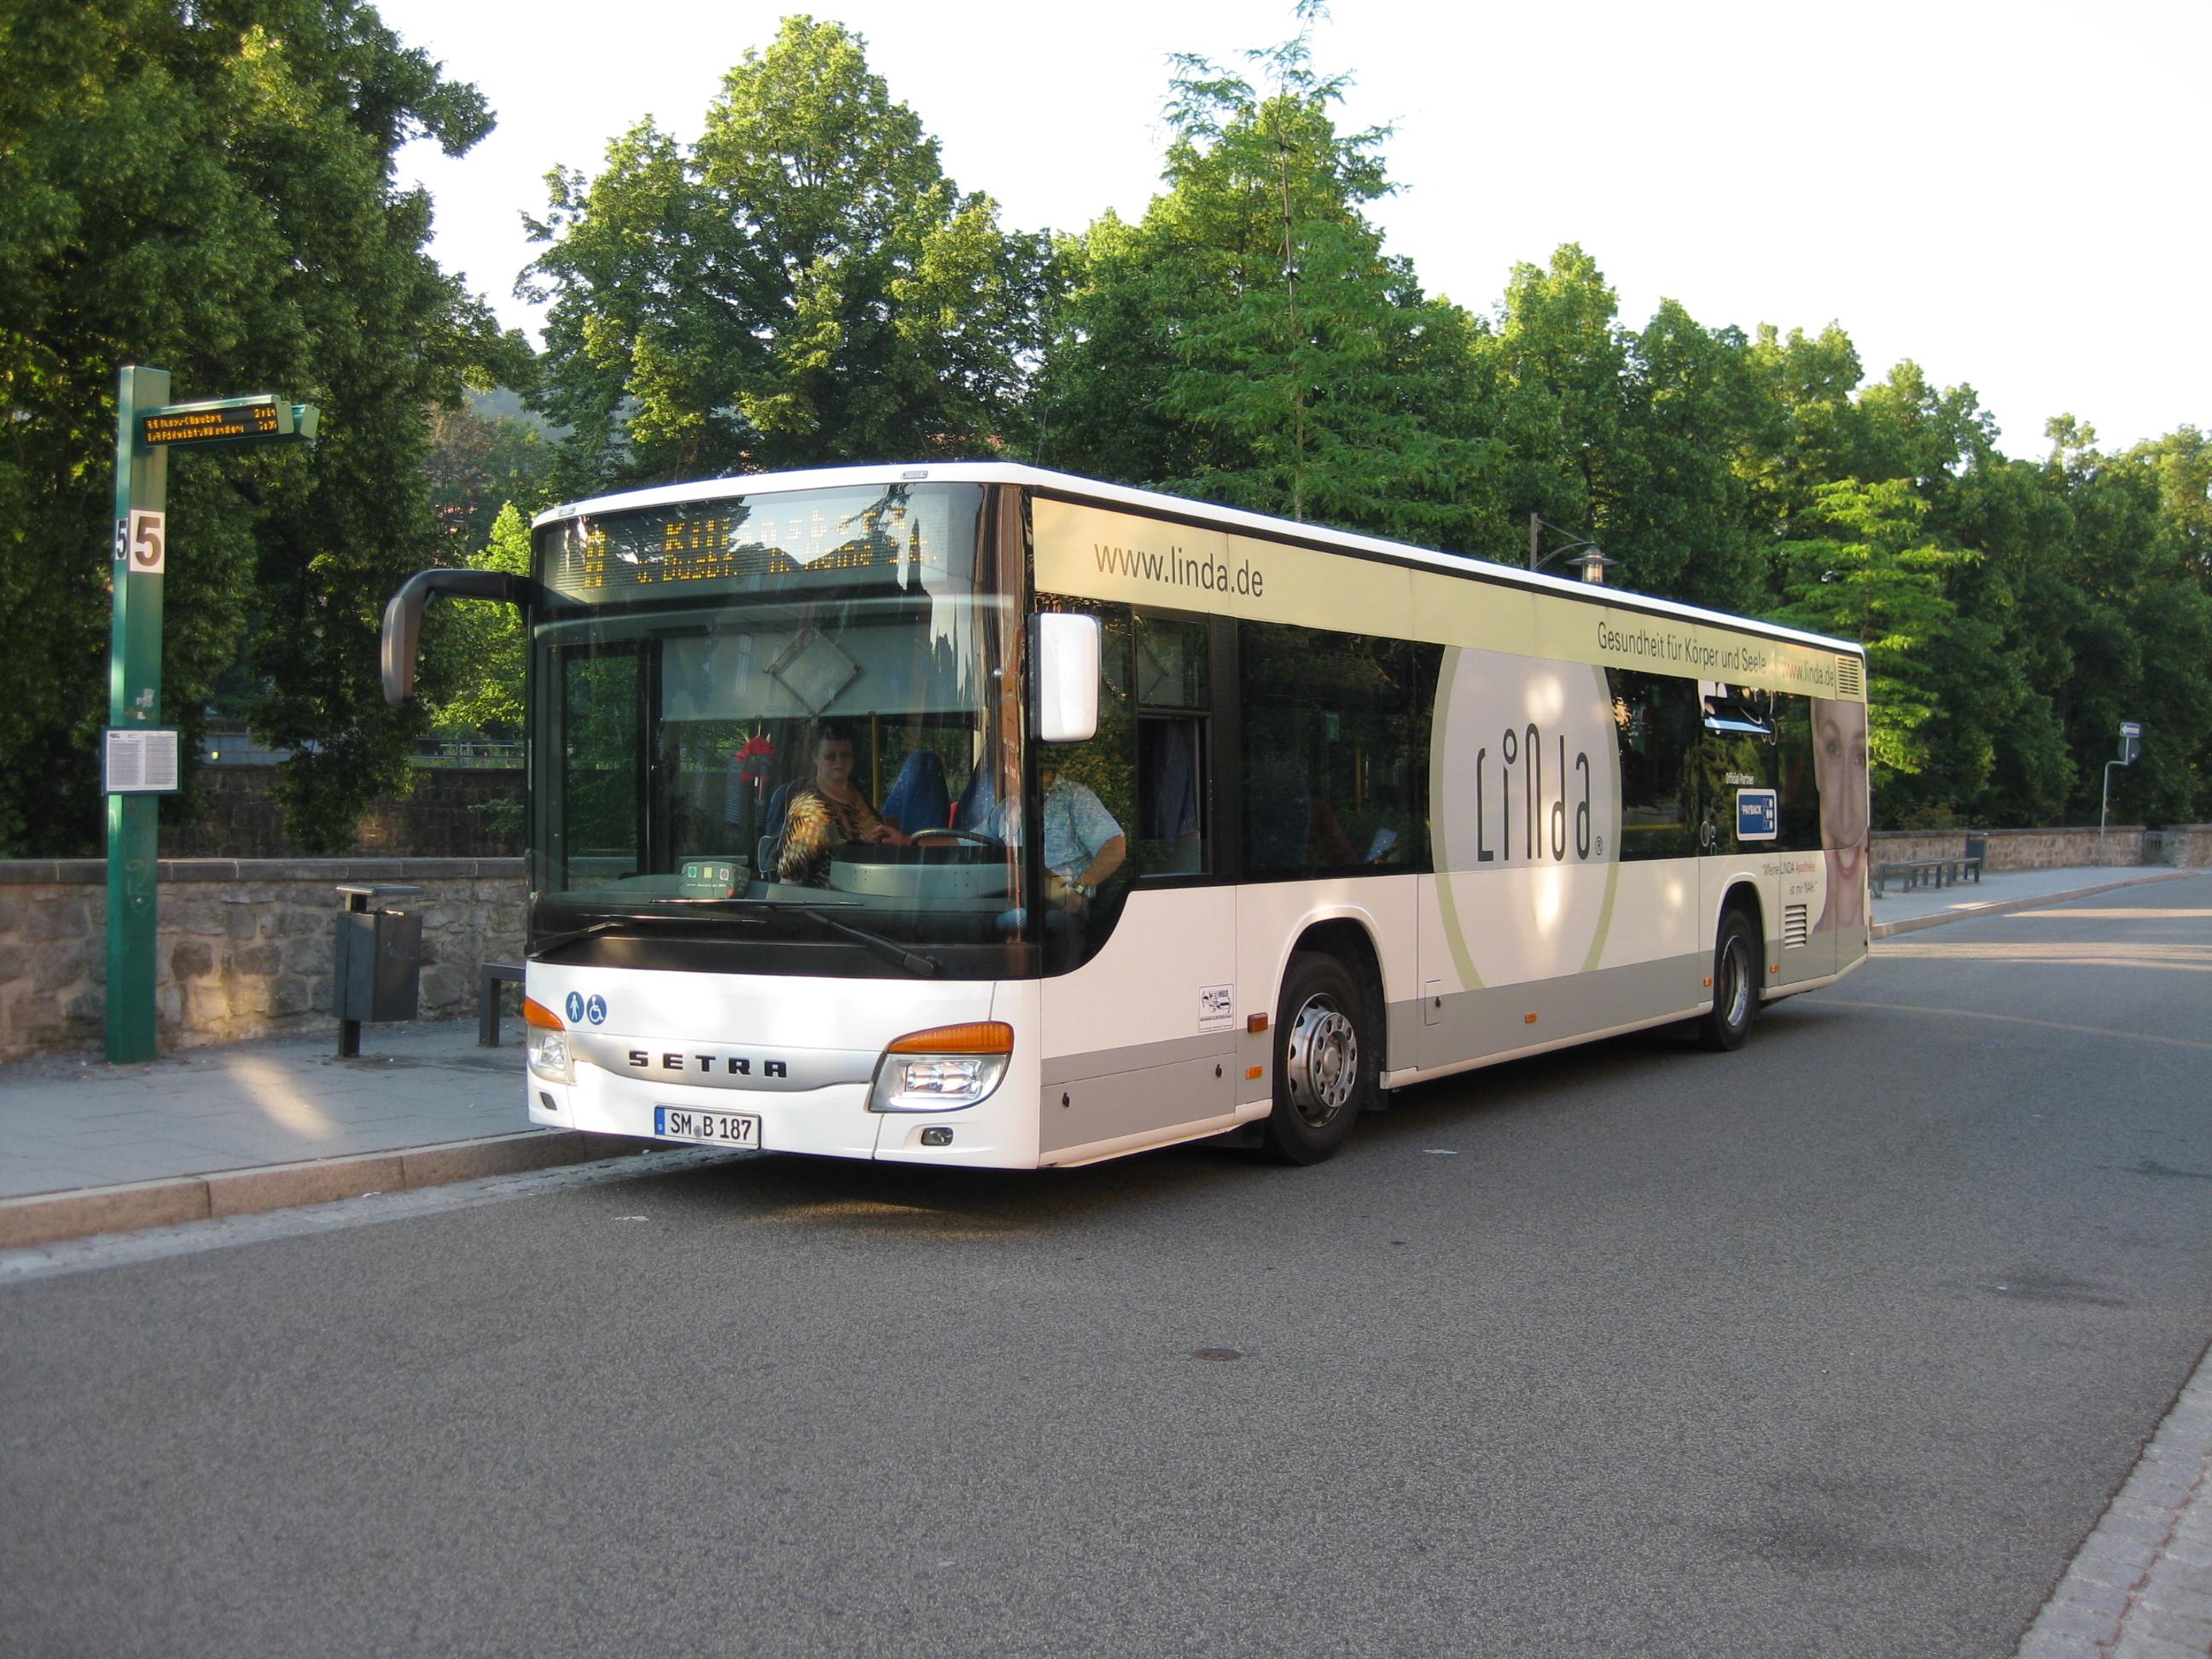 Bild: Bus an Haltestelle